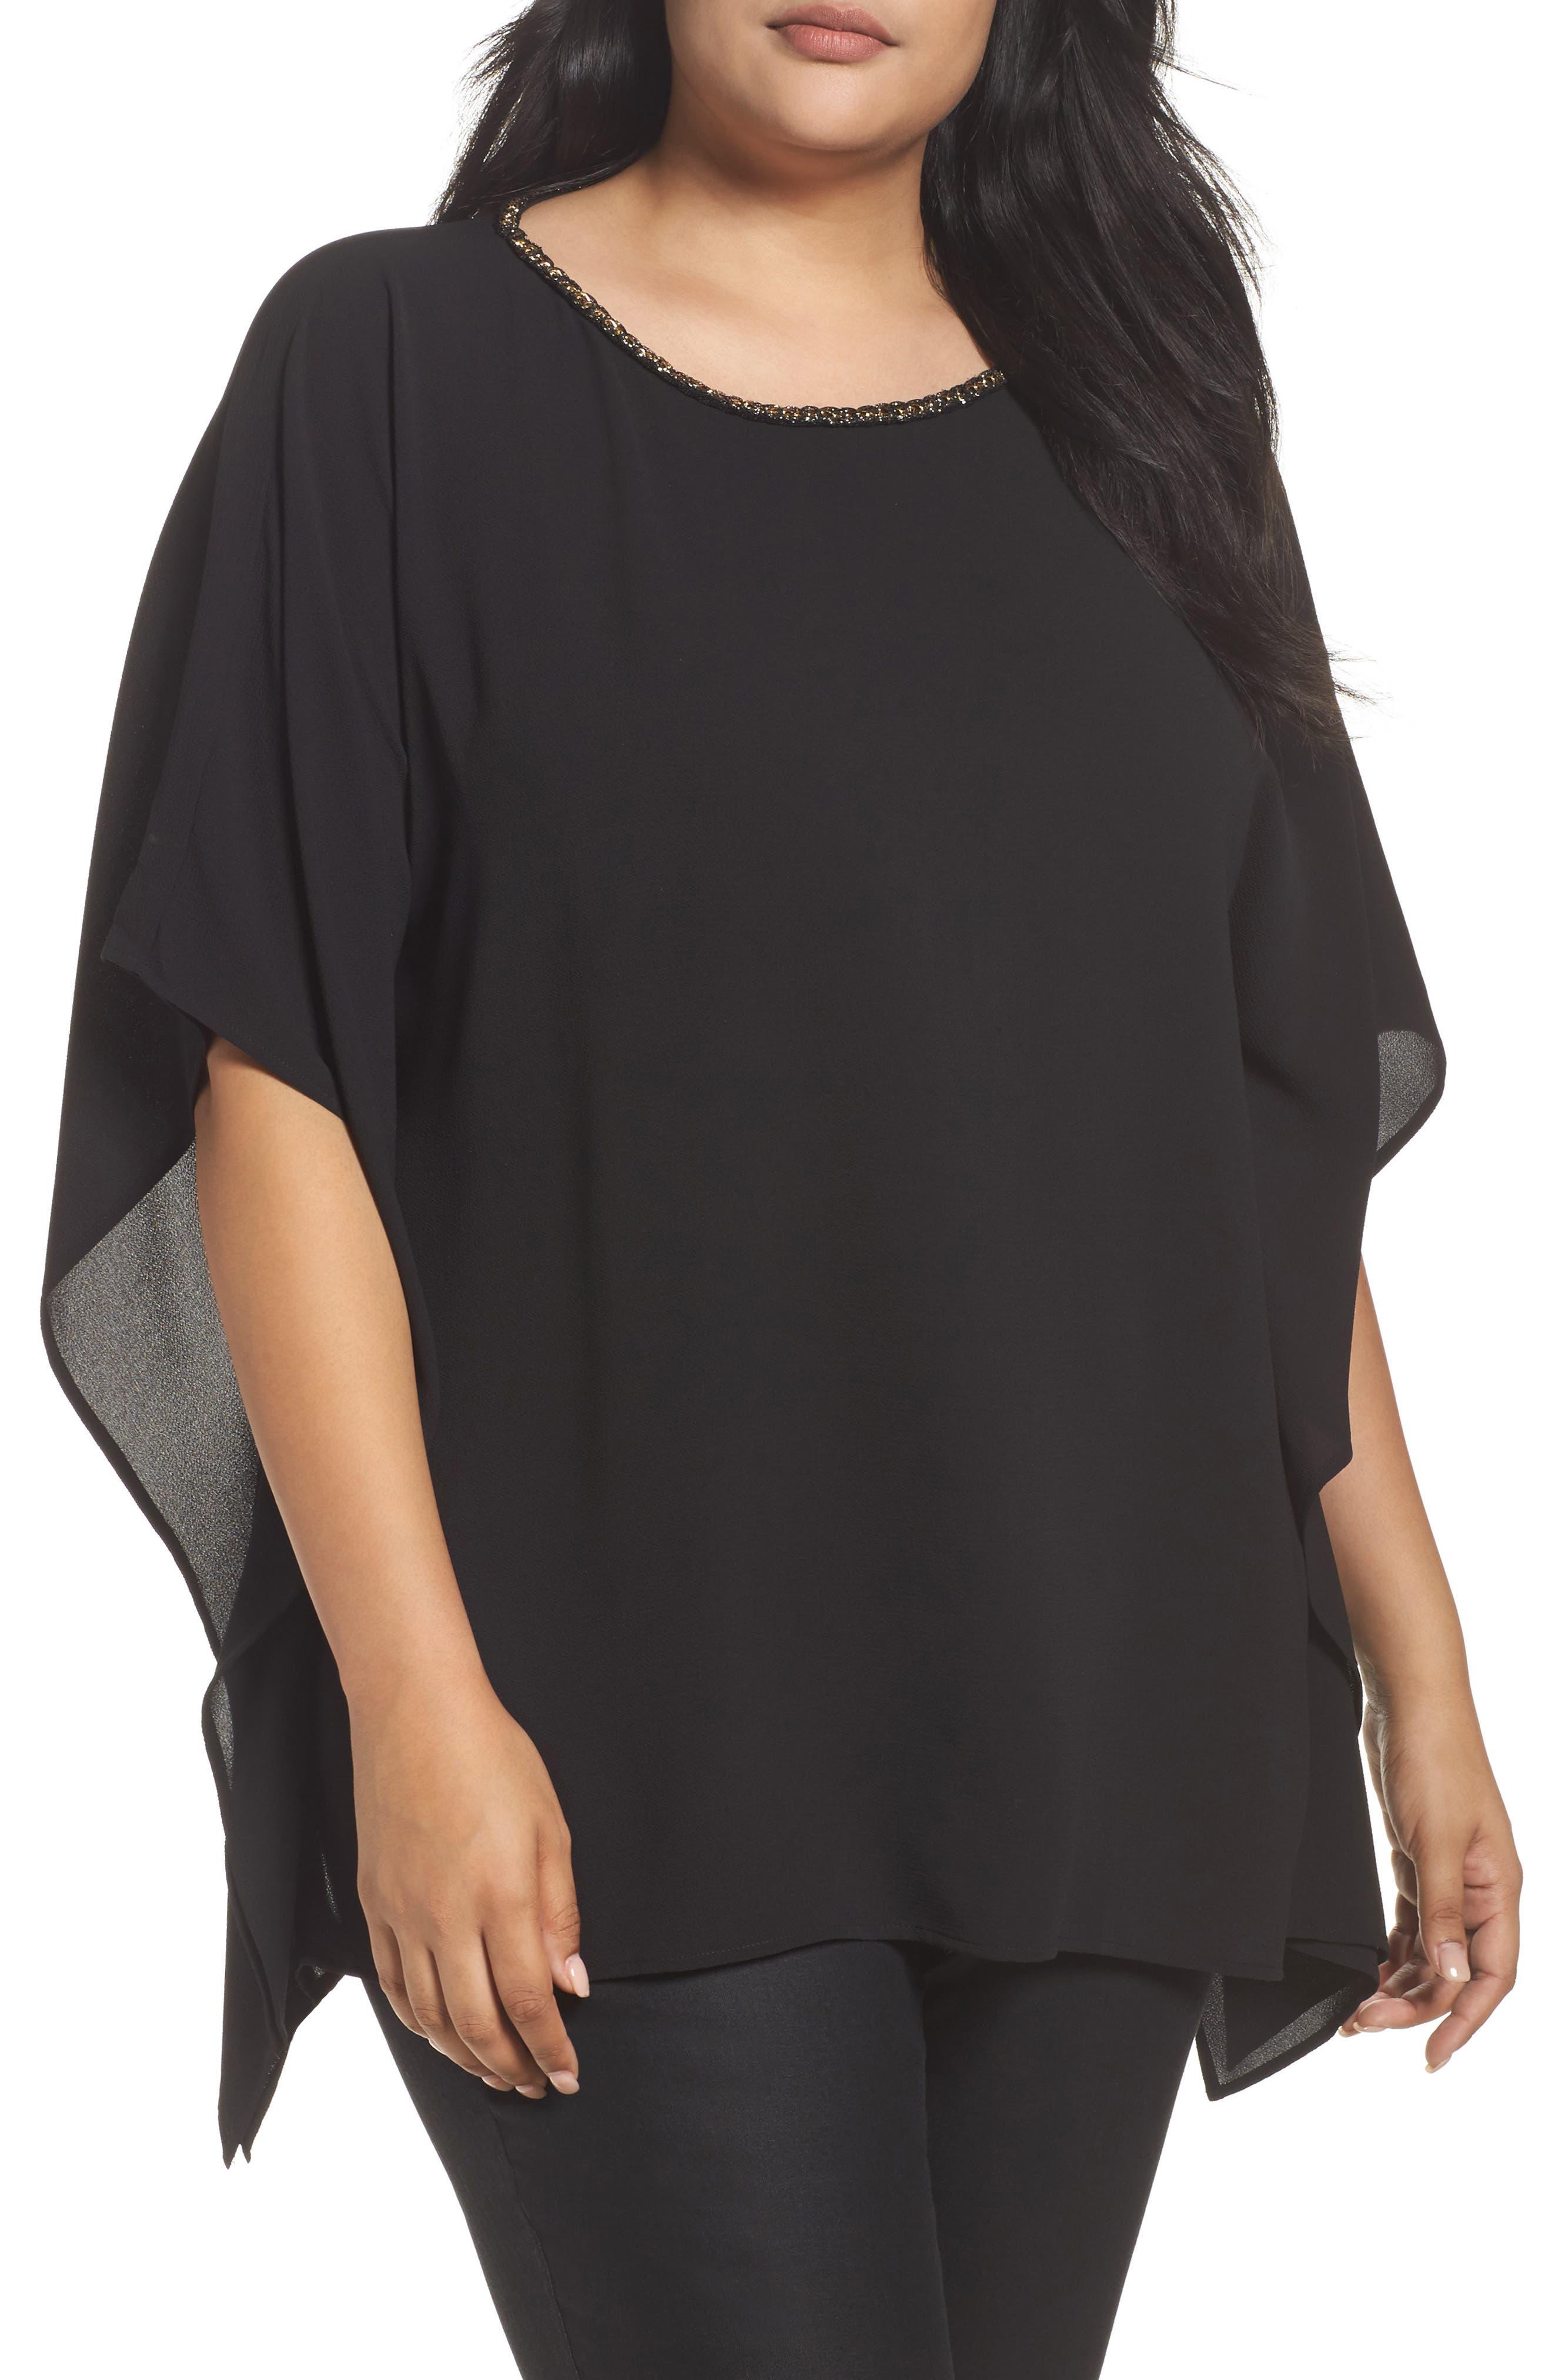 Main Image - MICHAEL Michael Kors Chain Neck Top (Plus Size)